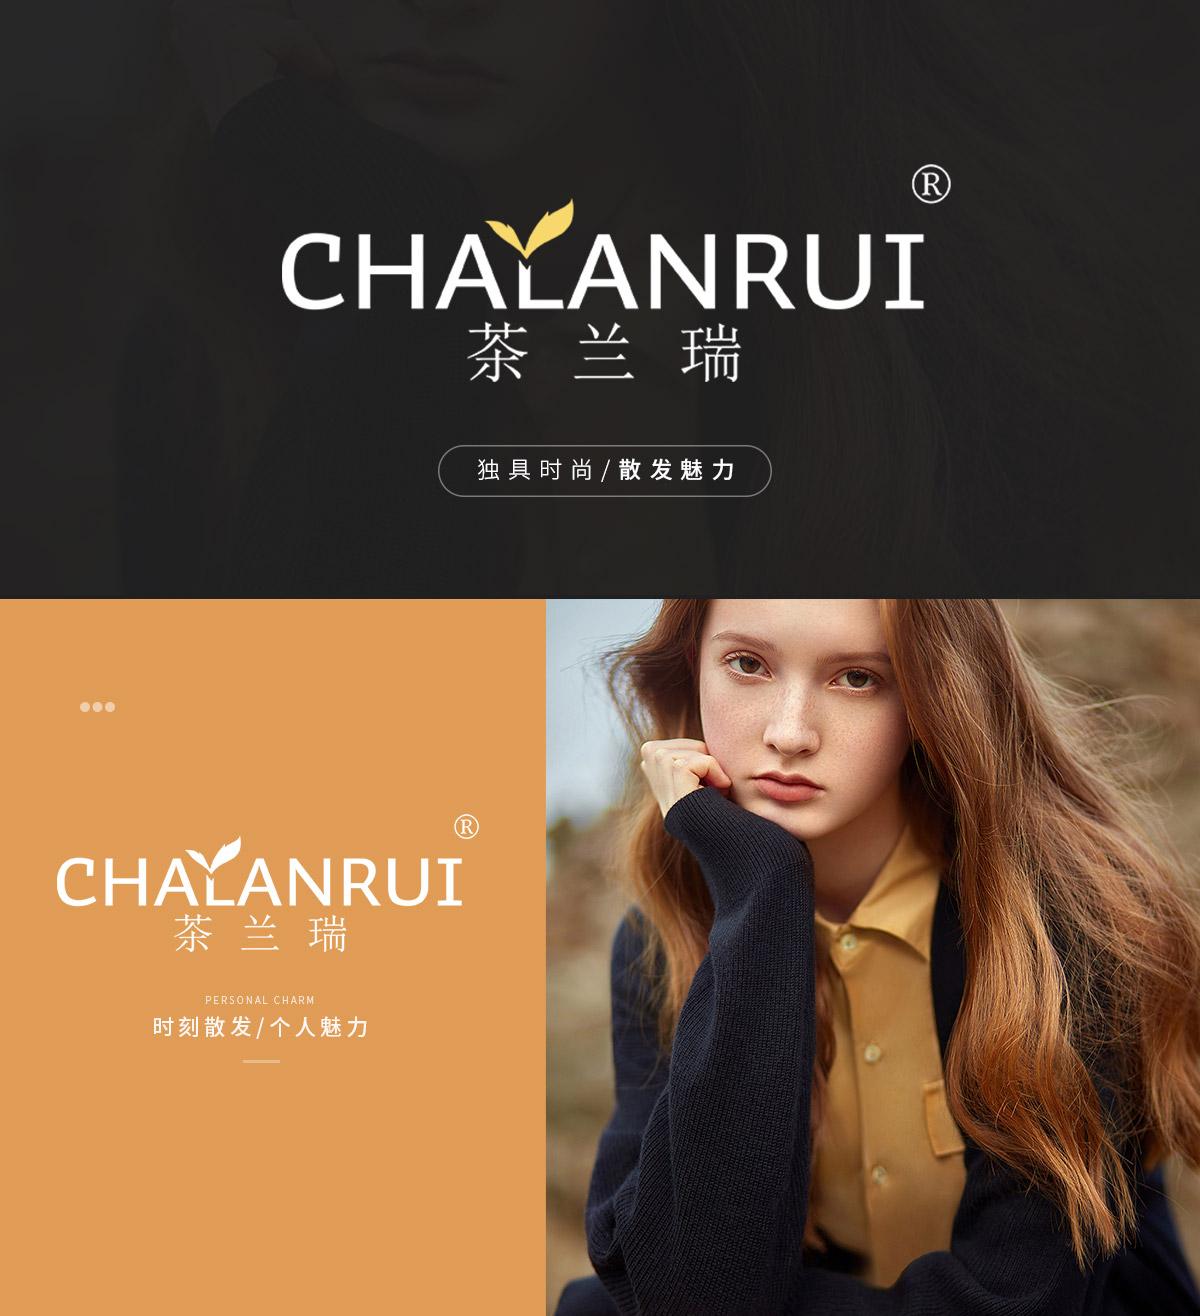 茶兰瑞 CHALANRUI